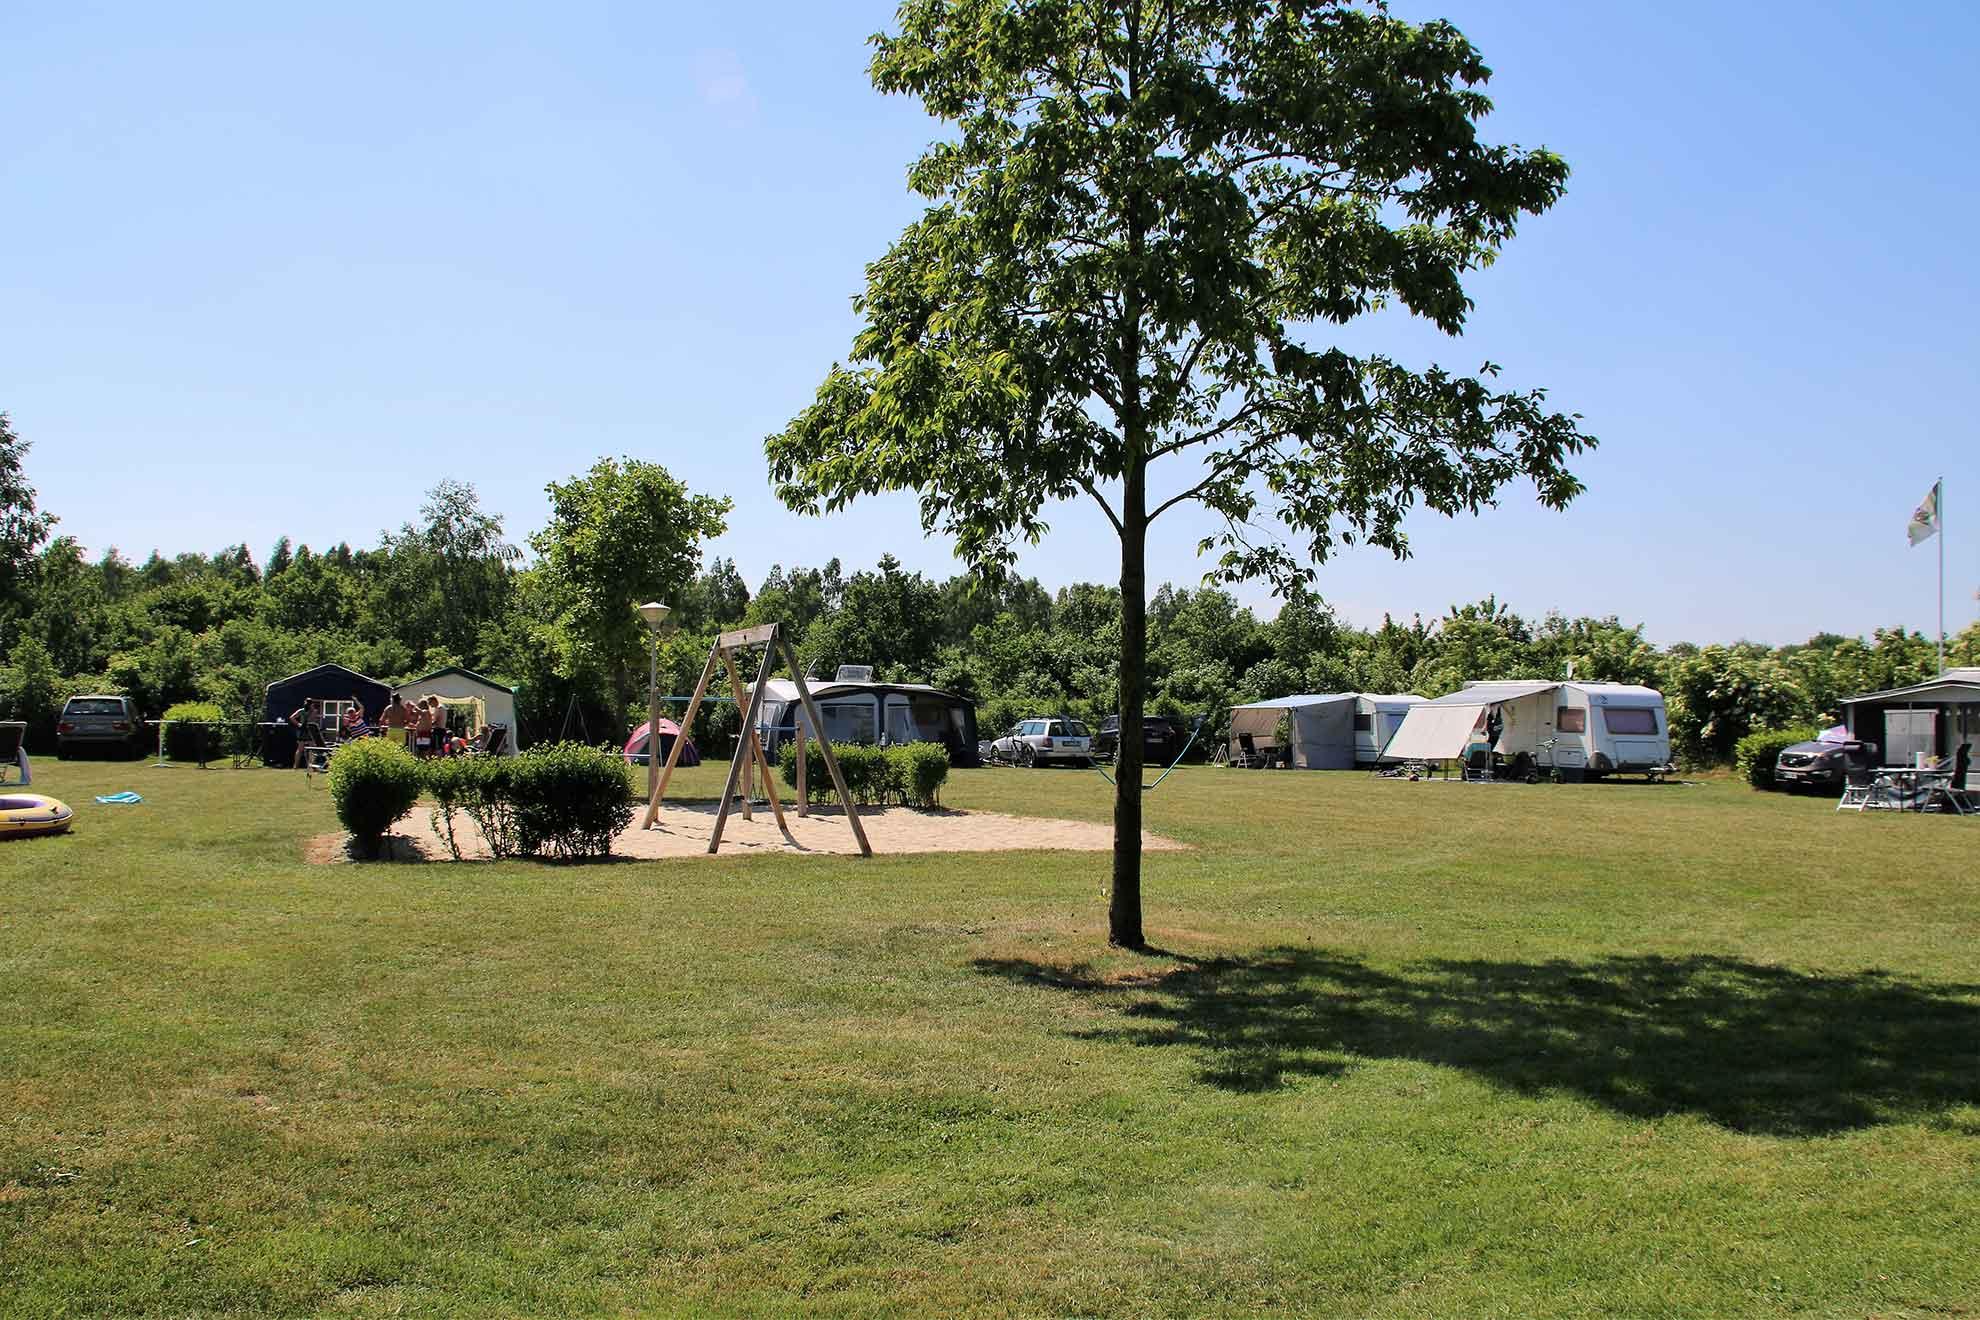 Camping vakantie in Overijssel op Capfun het Stoetenslagh - Leukste camping vakantie in Overijssel